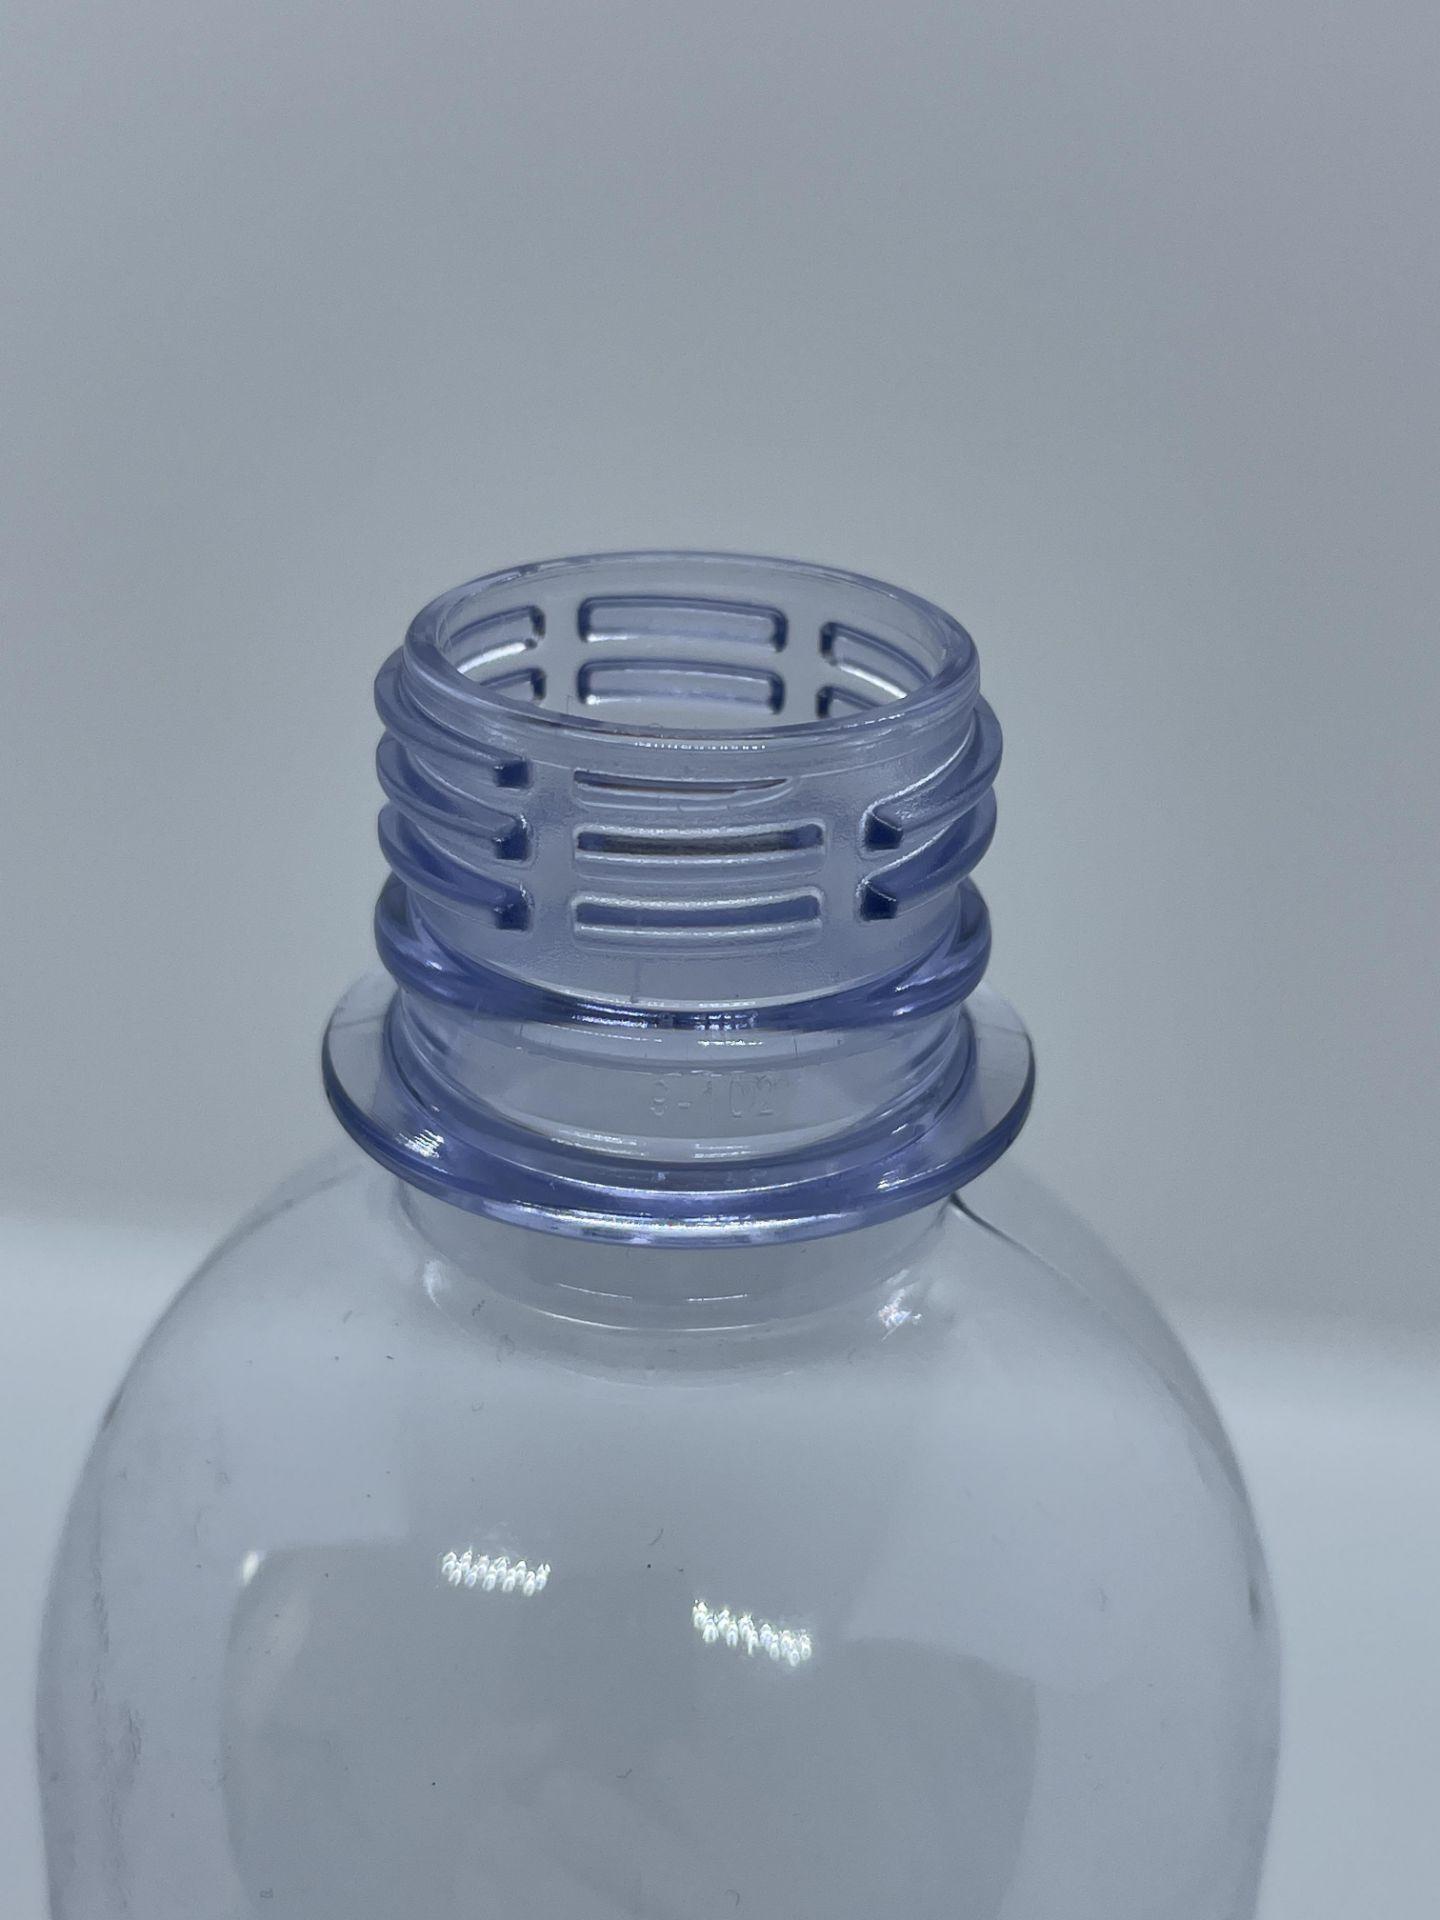 """30,000 - 16 oz Empty Bullet Plastic Bottles, Neck Threading 28-410, 8"""" Tall, 2.5"""" Diameter - Image 3 of 4"""